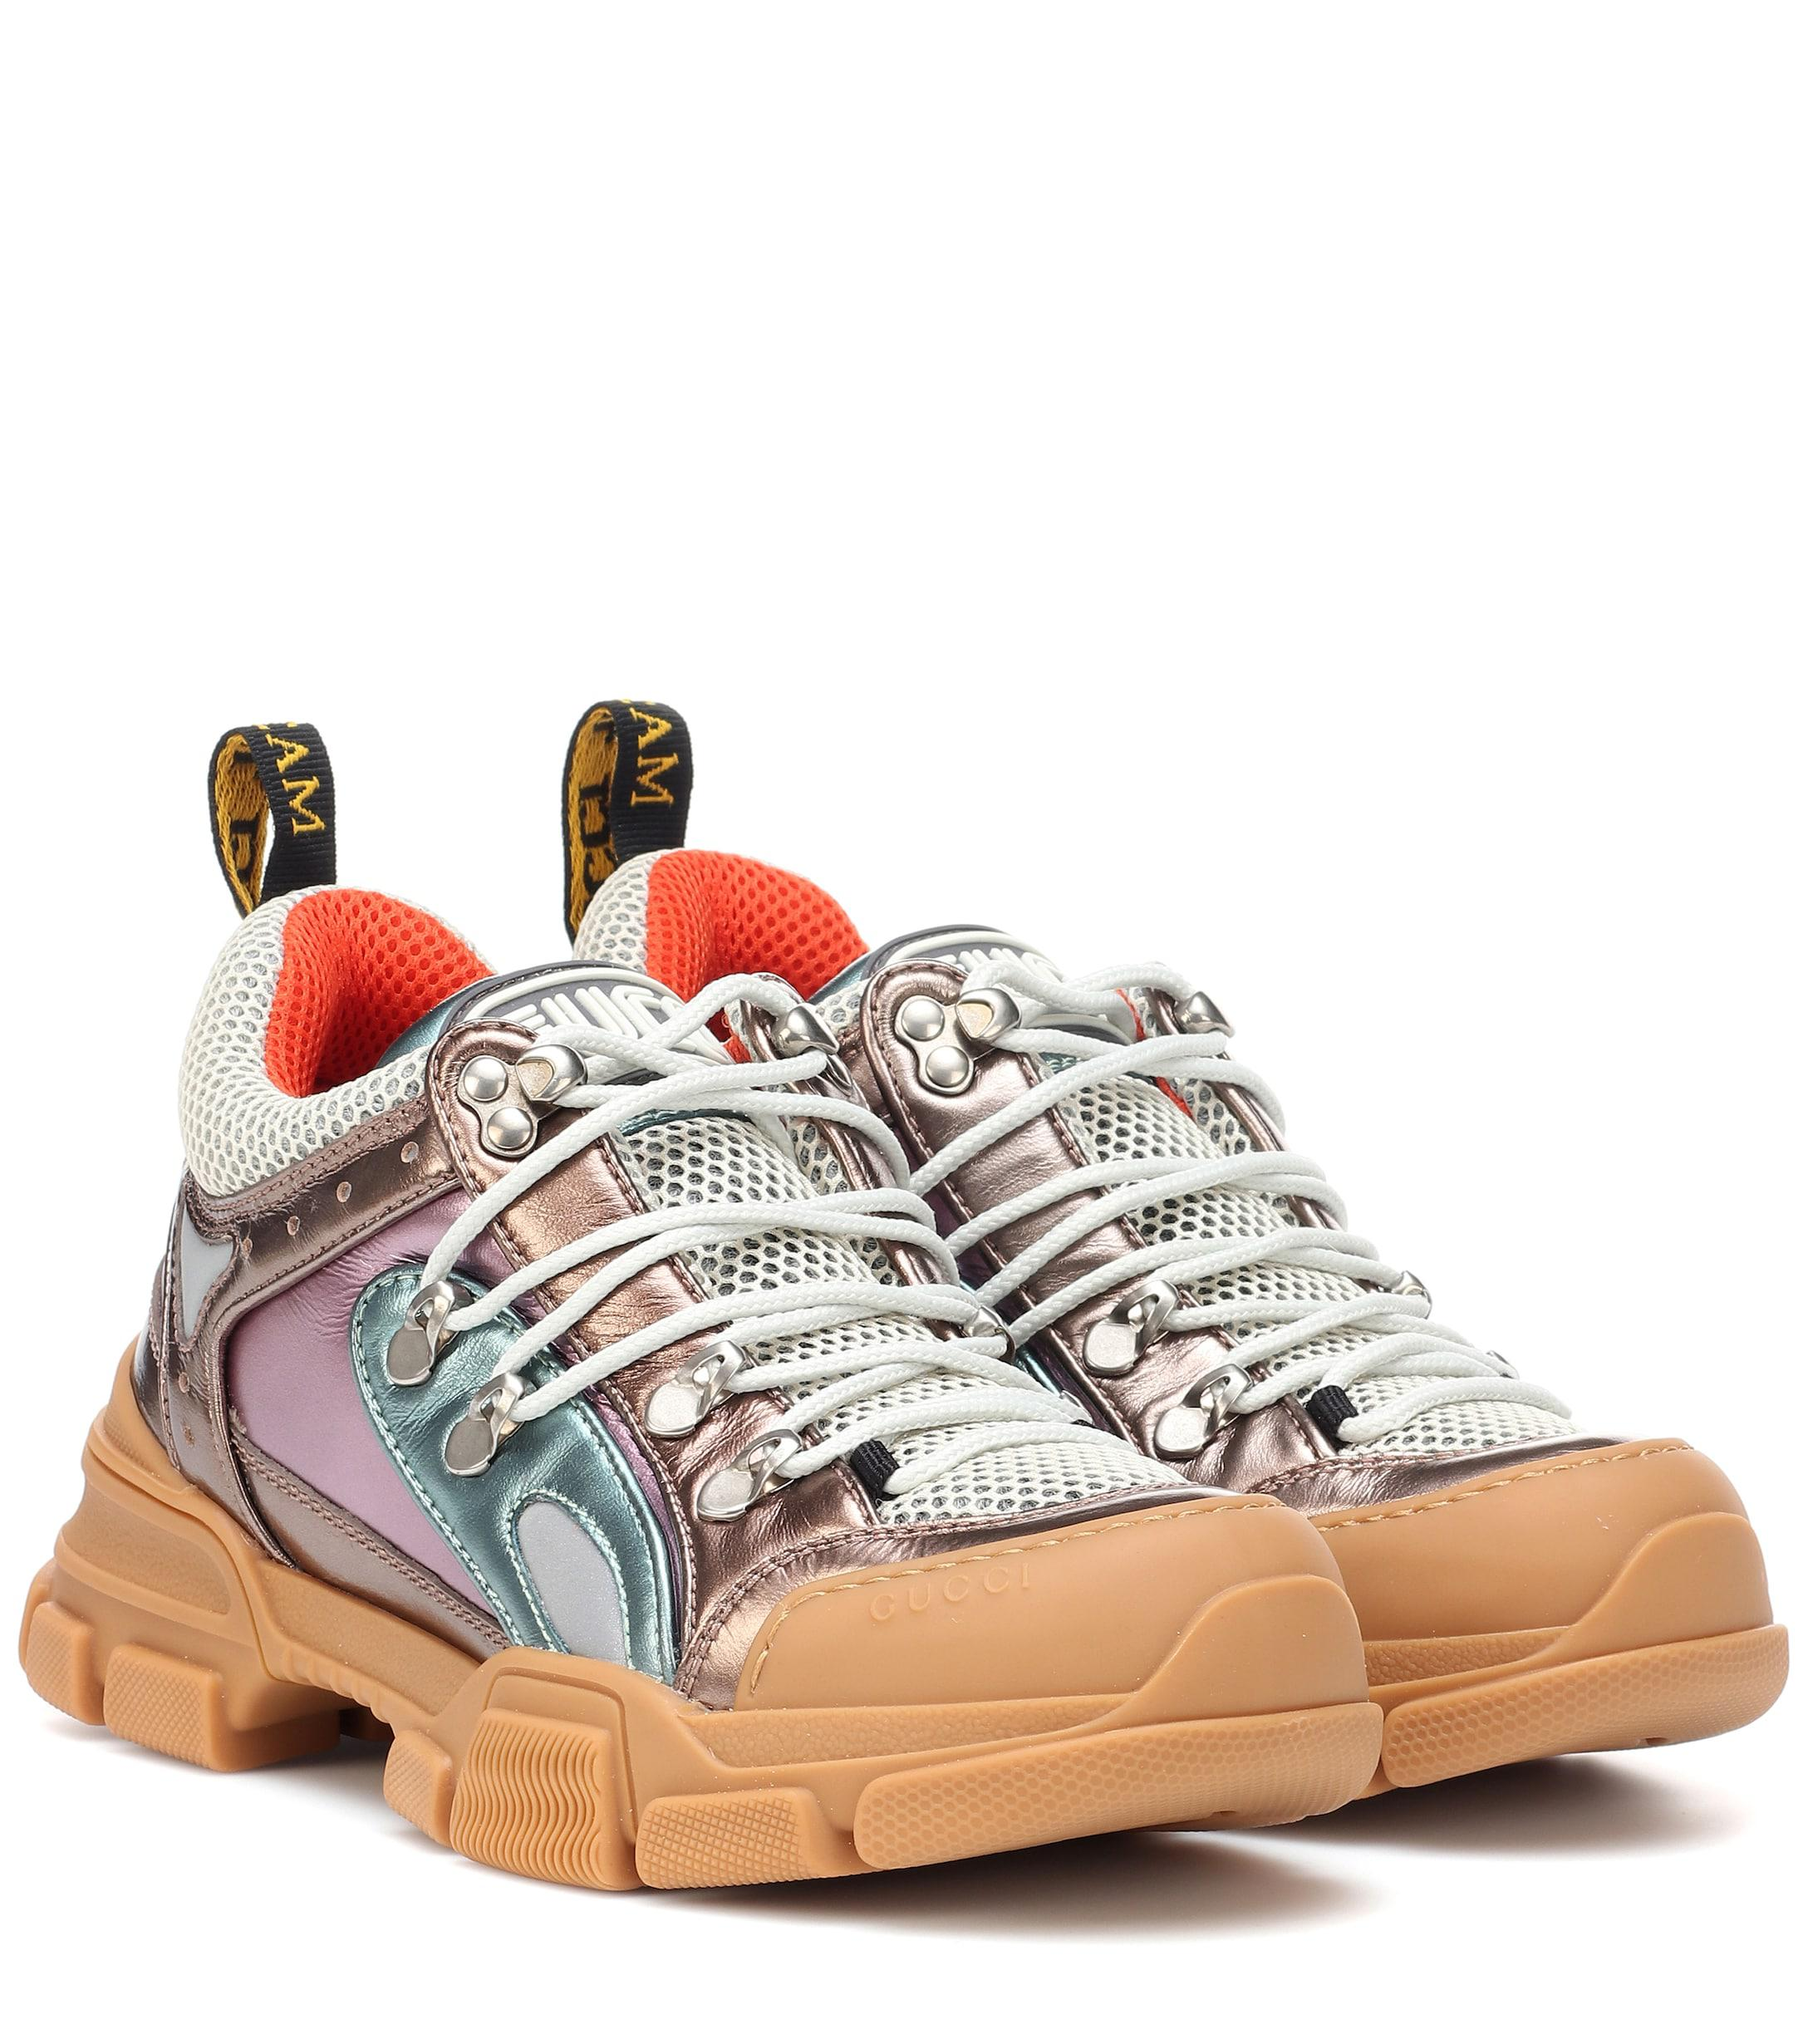 c2533f481c Zapatillas Flashtrek de piel Gucci - 34 % de descuento - Lyst